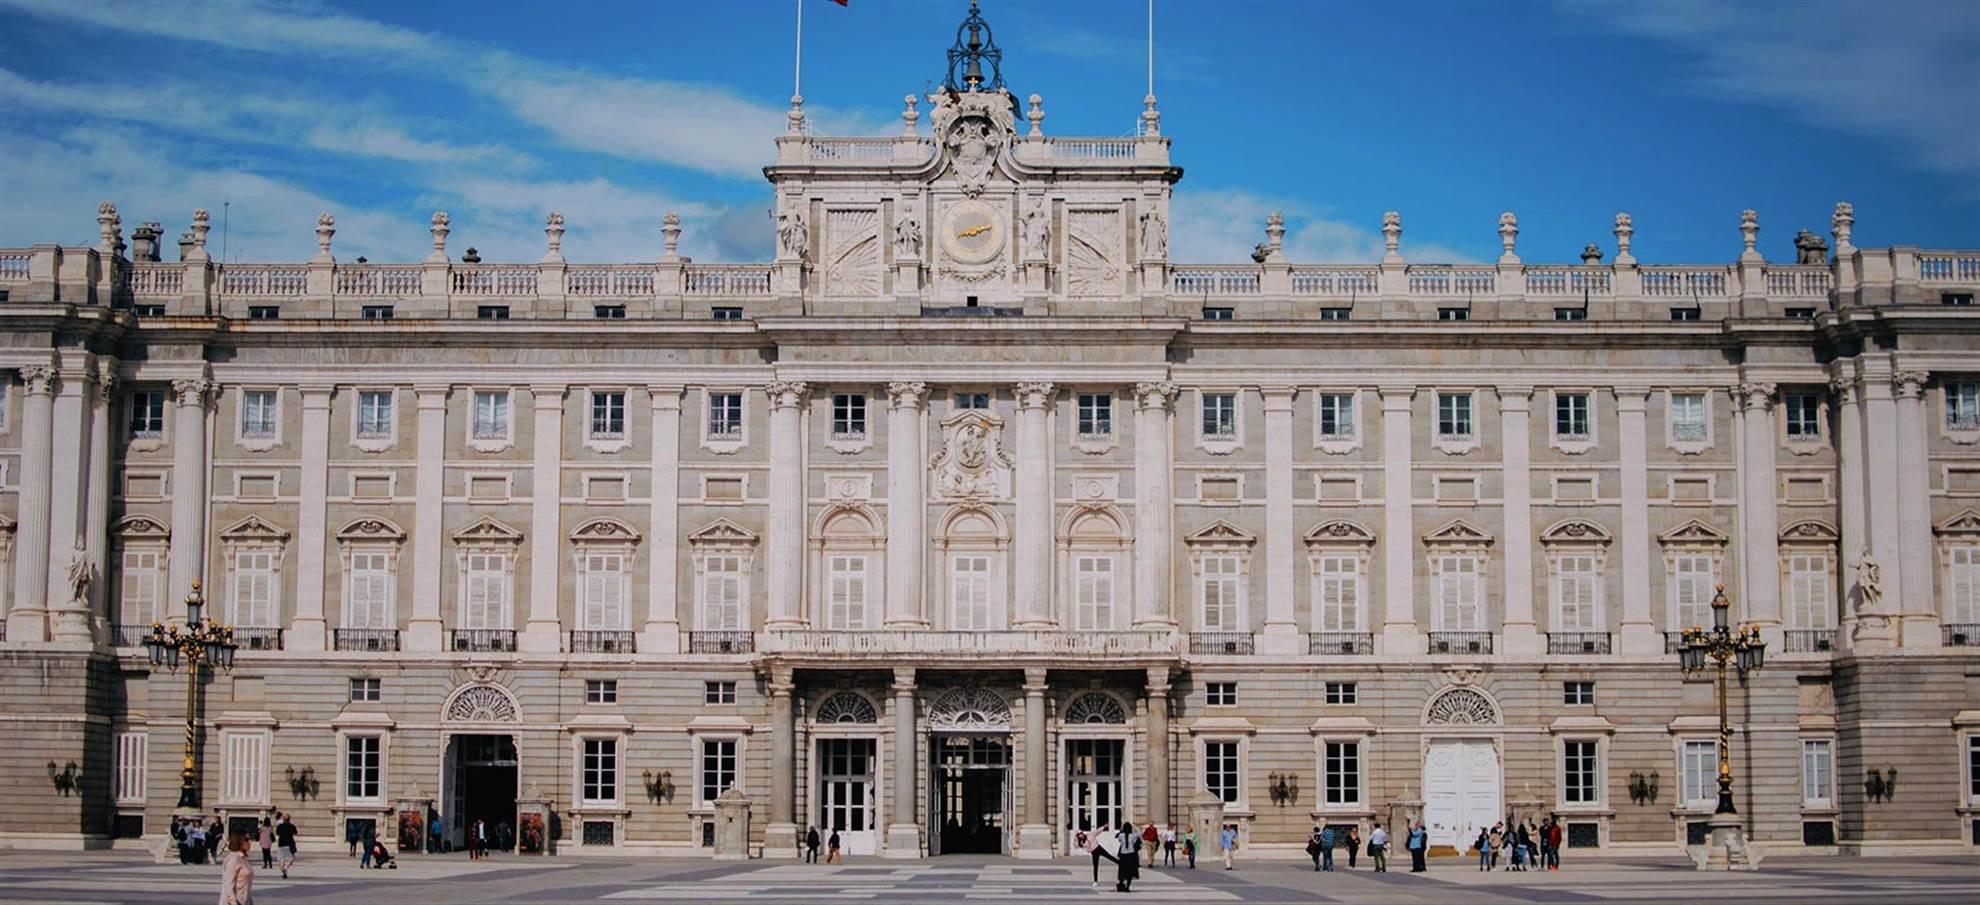 Palacio Real de Madrid - ¡Sáltate la fila!